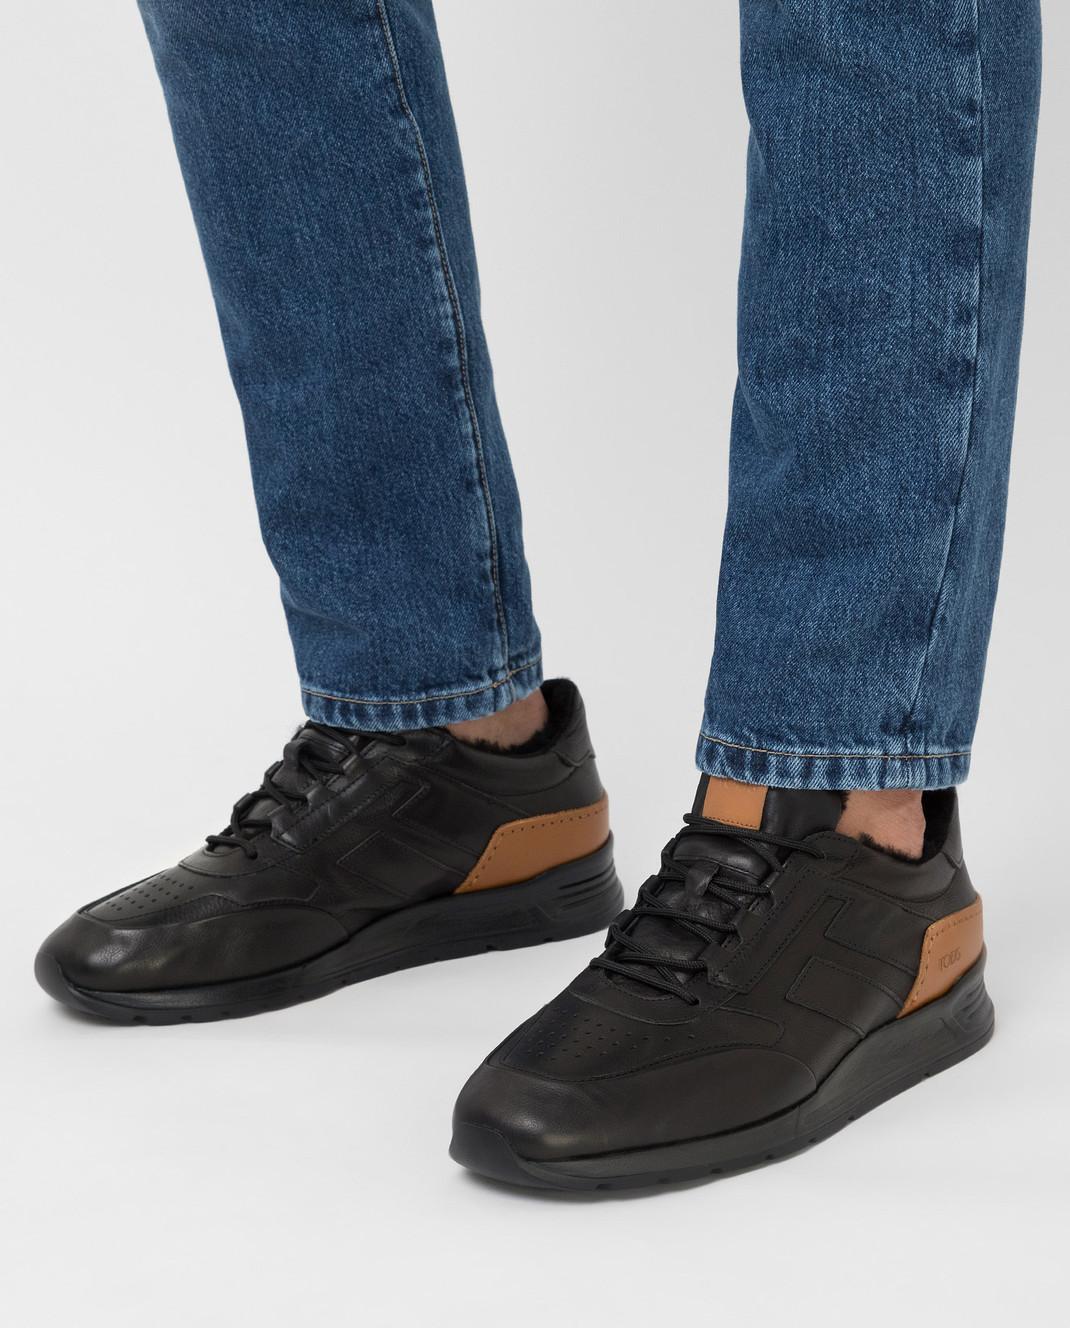 Tods Черные кожаные кроссовки на меху изображение 2